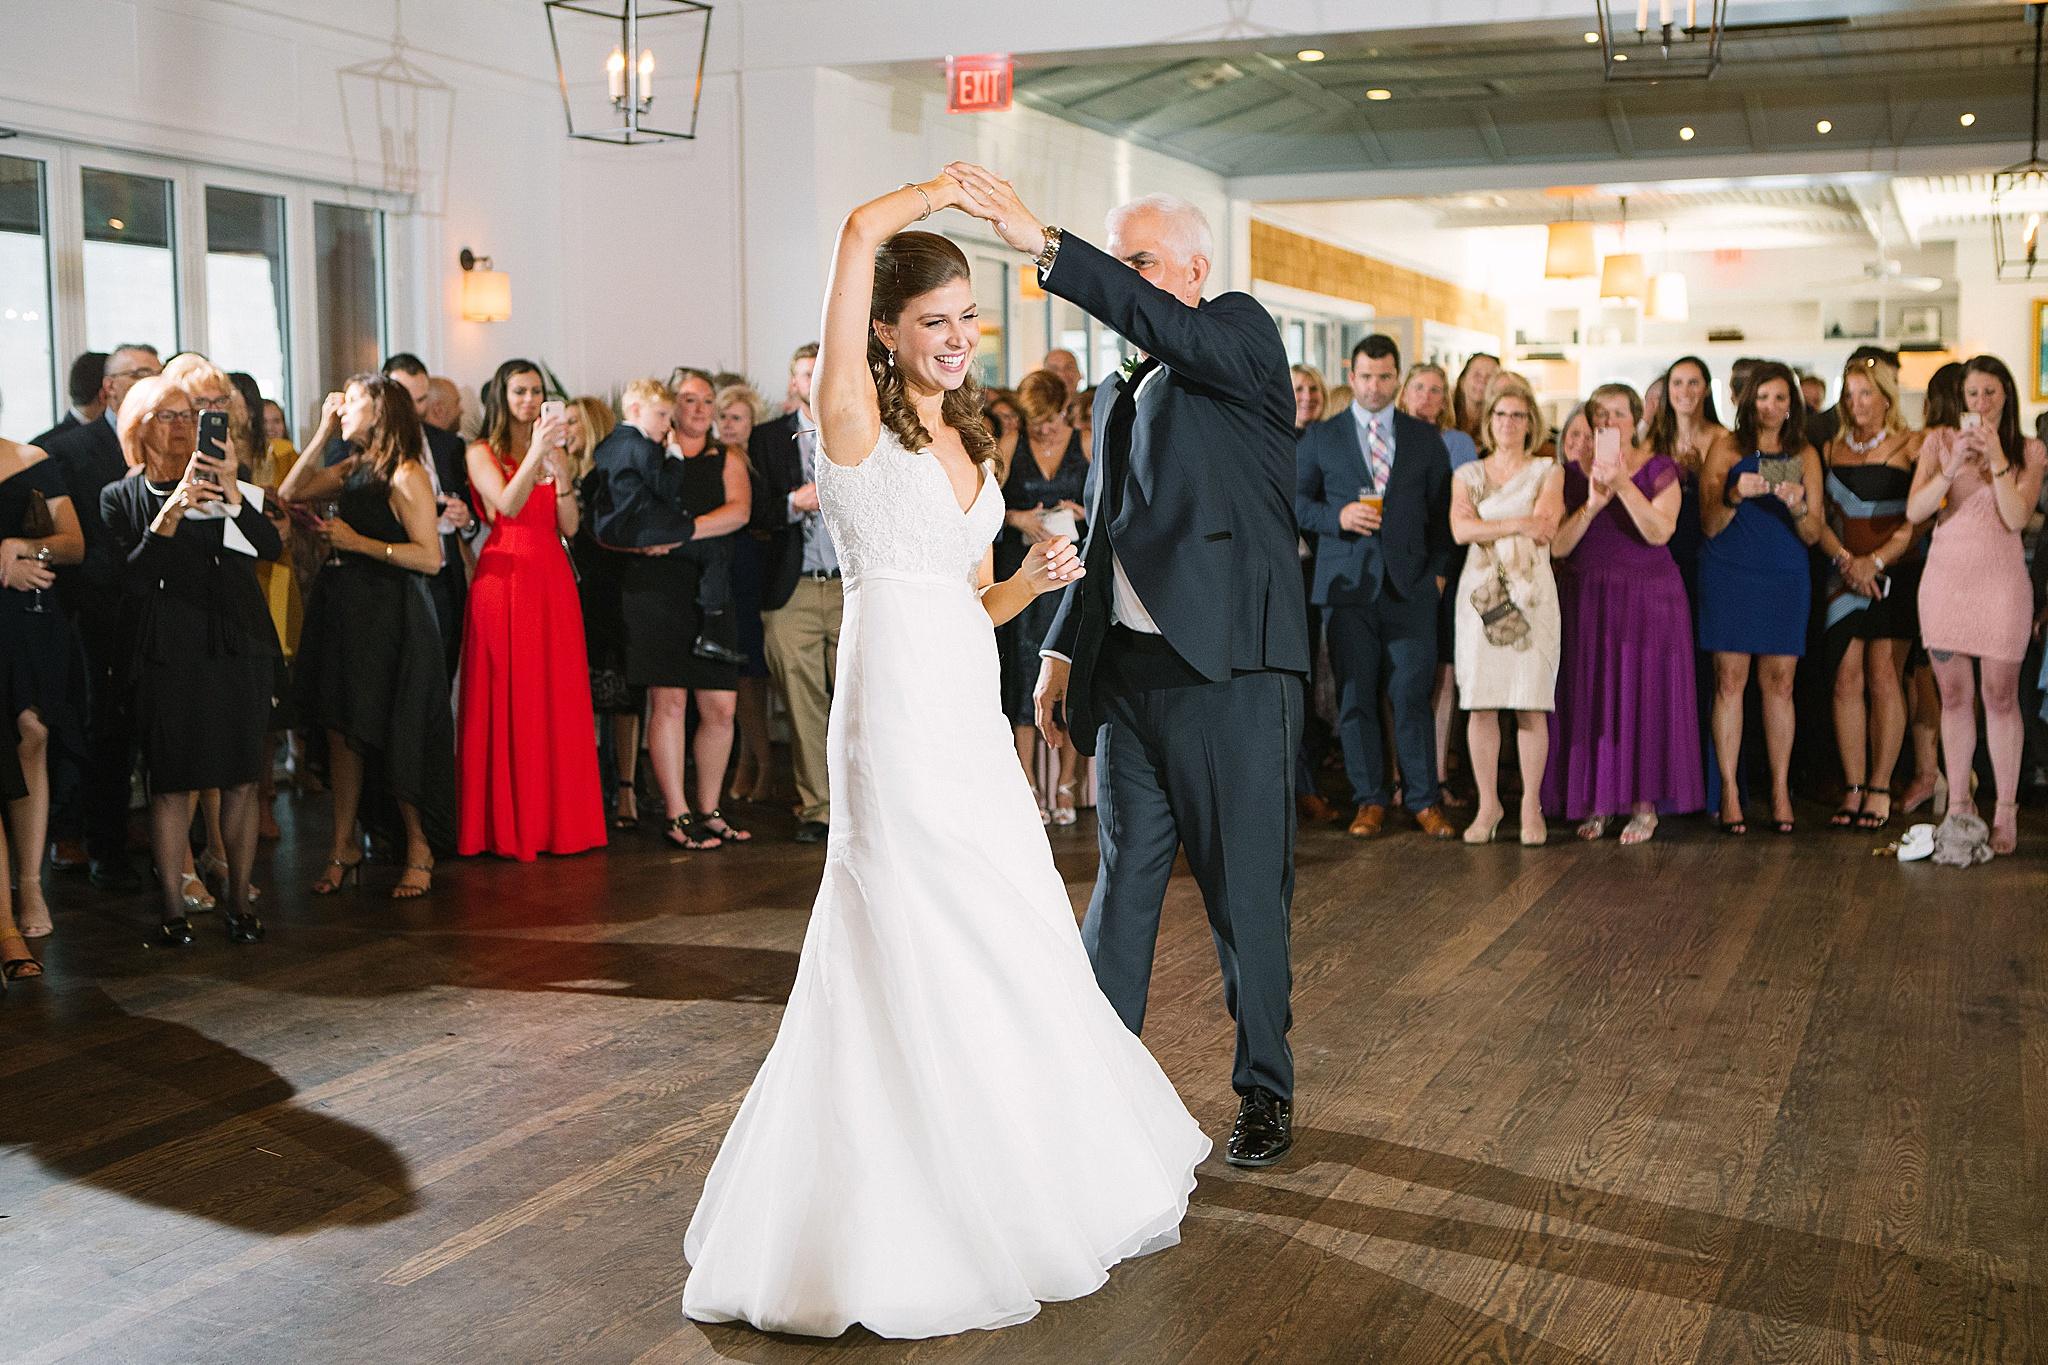 Ashley Mac Photographs | NJ wedding photographer | New Jersey wedding photographer | The Riverhouse at Rumson Country Club Wedding | Rumson NJ wedding | Rumson NJ wedding photographer